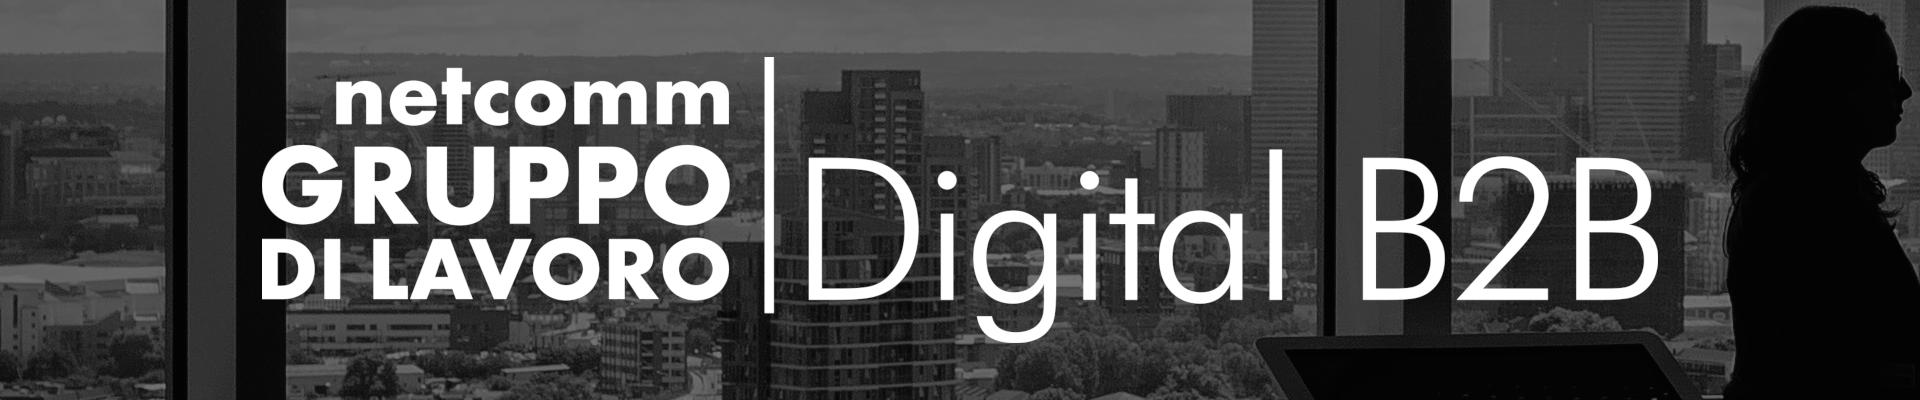 Gruppo di Lavoro | Digital B2B - 16 Settembre 2019